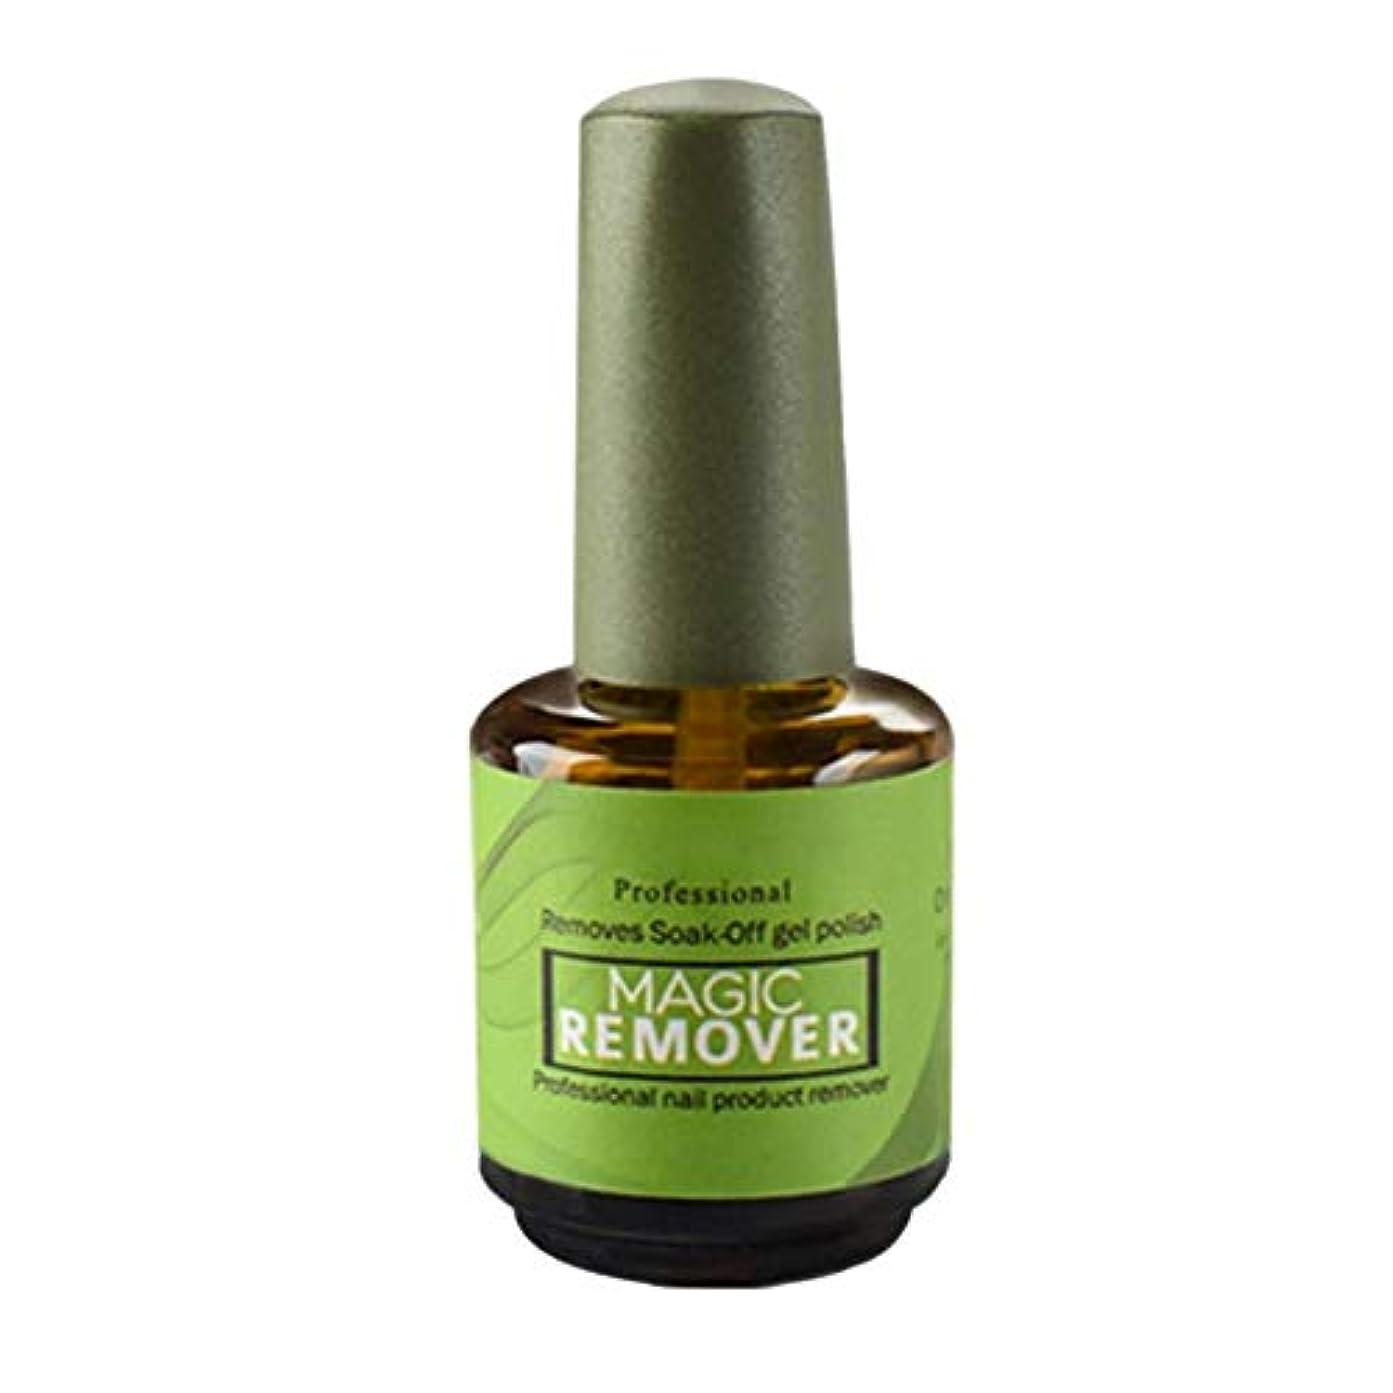 お茶精神的に操るProfeel マジックリムーバーがネイルポリッシュを拭き取ると、ジェルプロフェッショナルバーストクリーン脱脂剤が除去されます